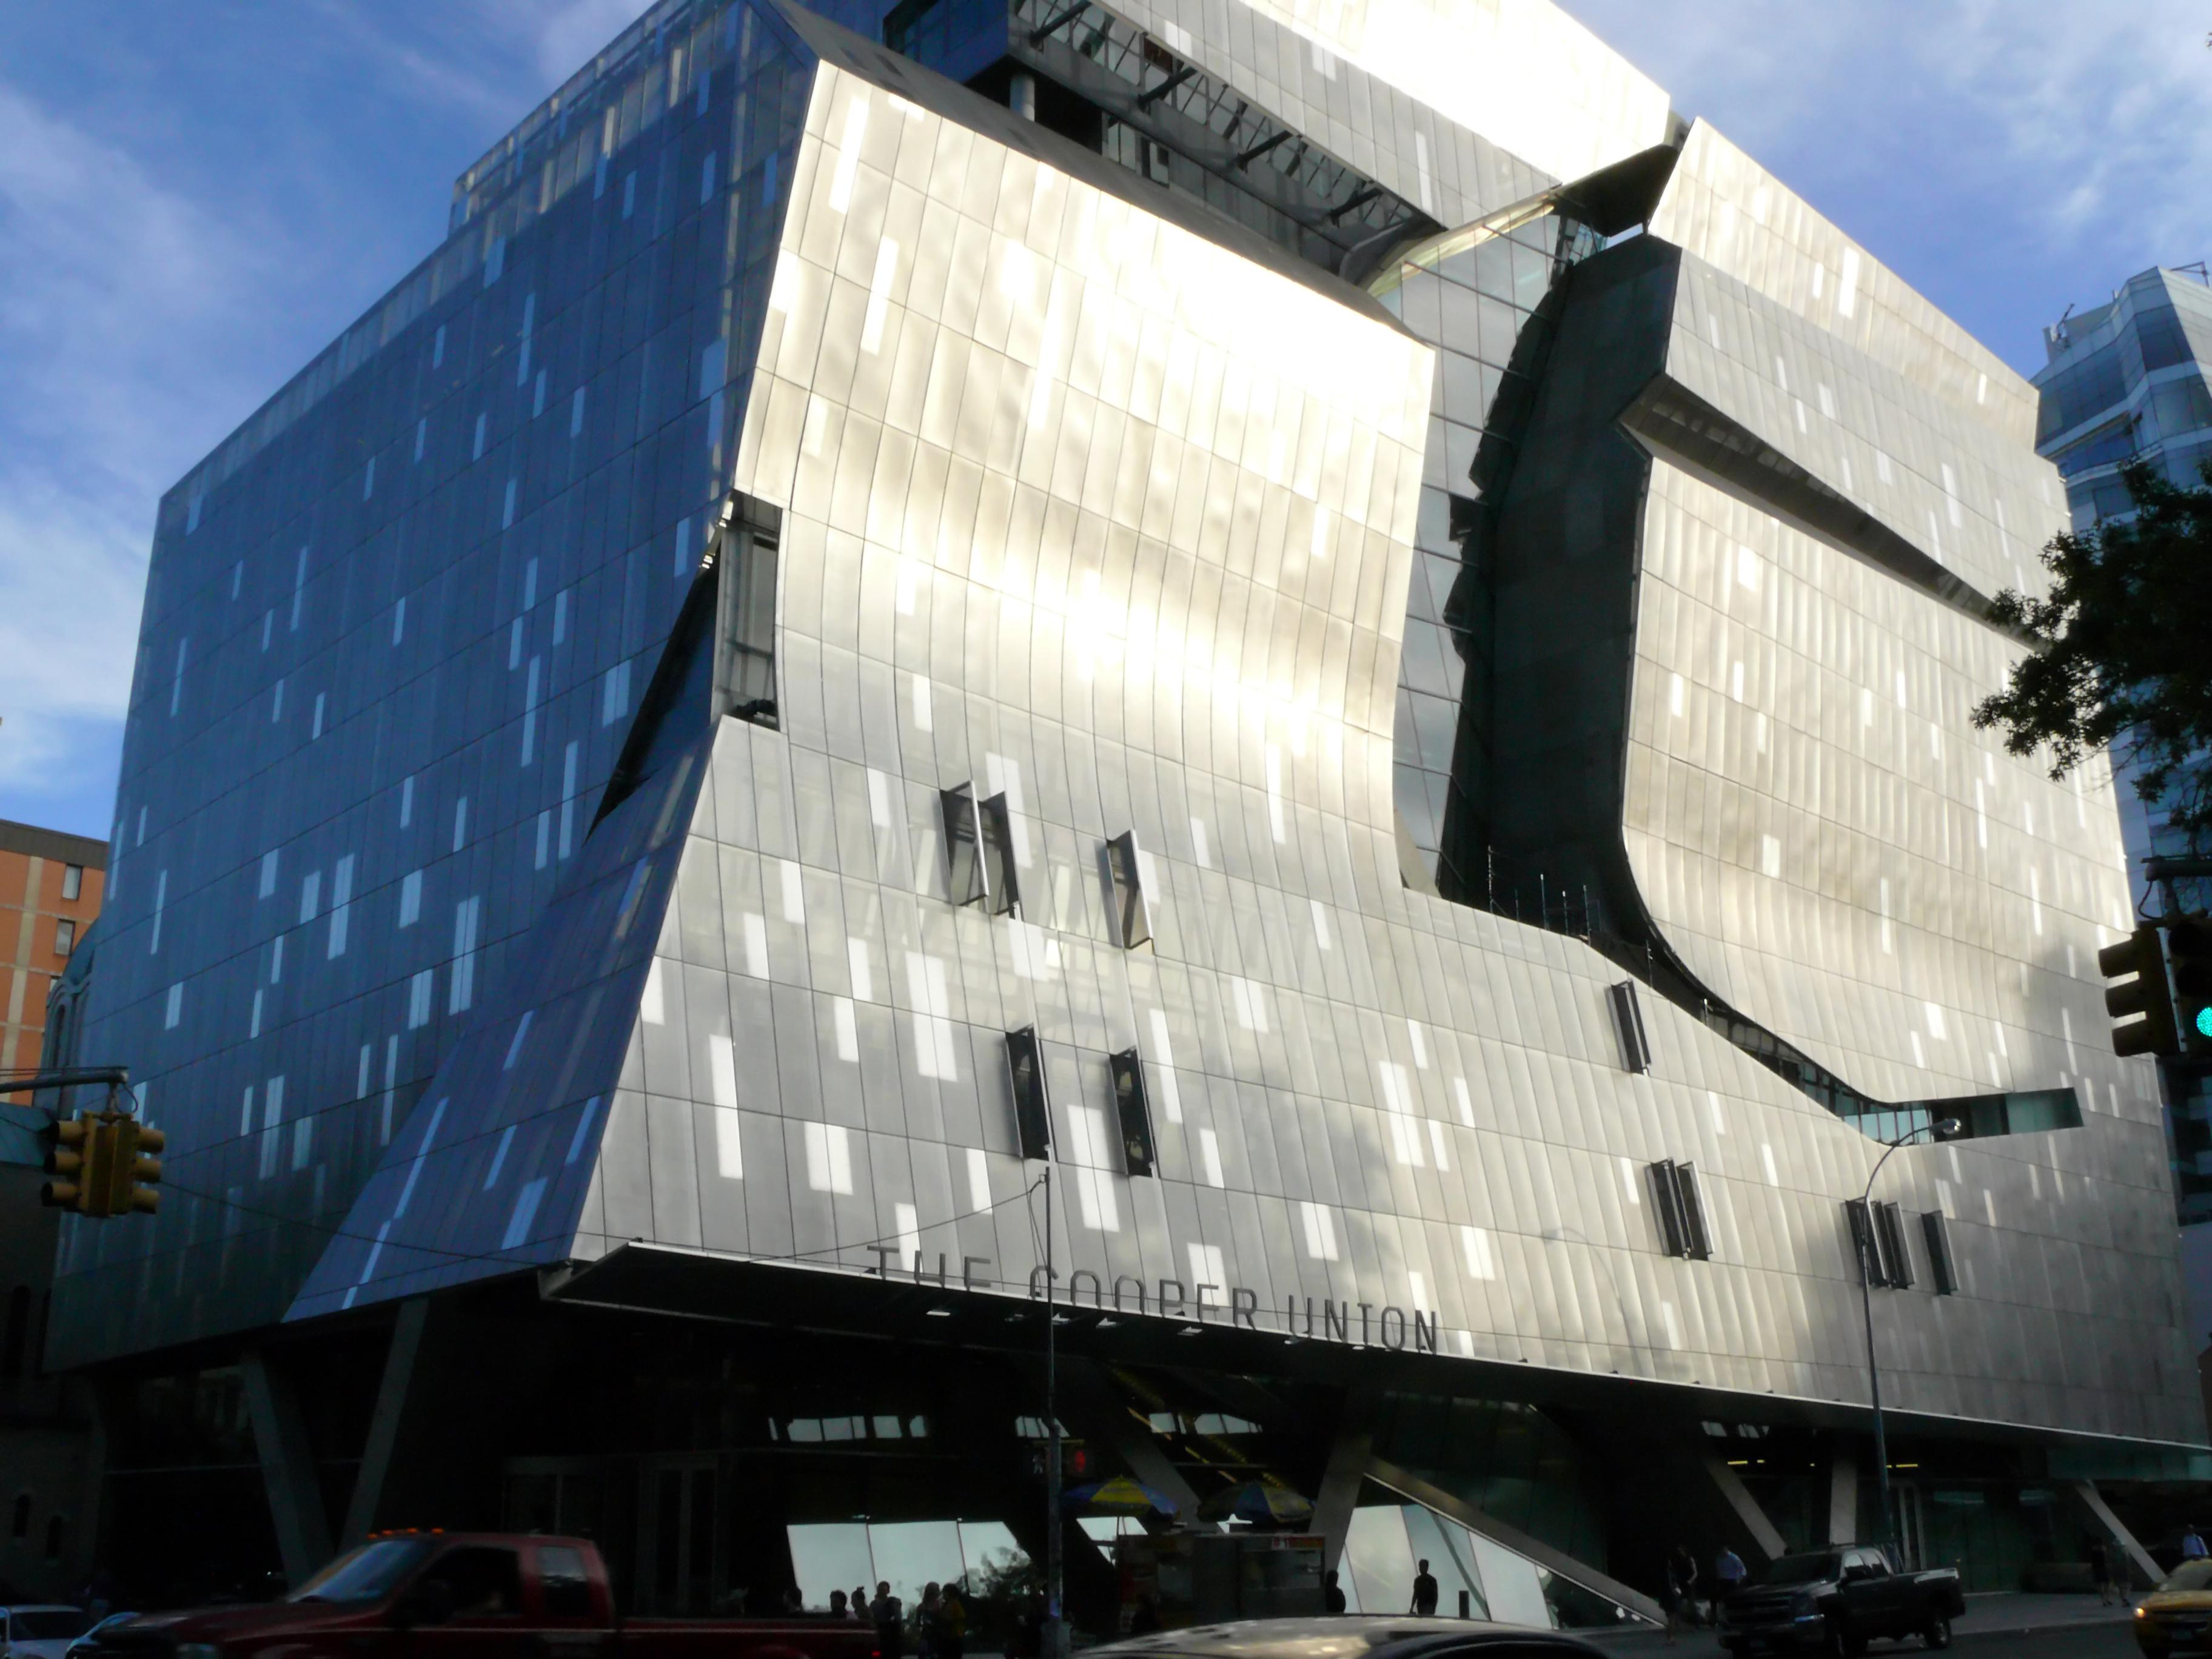 Thom Mayne Architect Thom Mayne